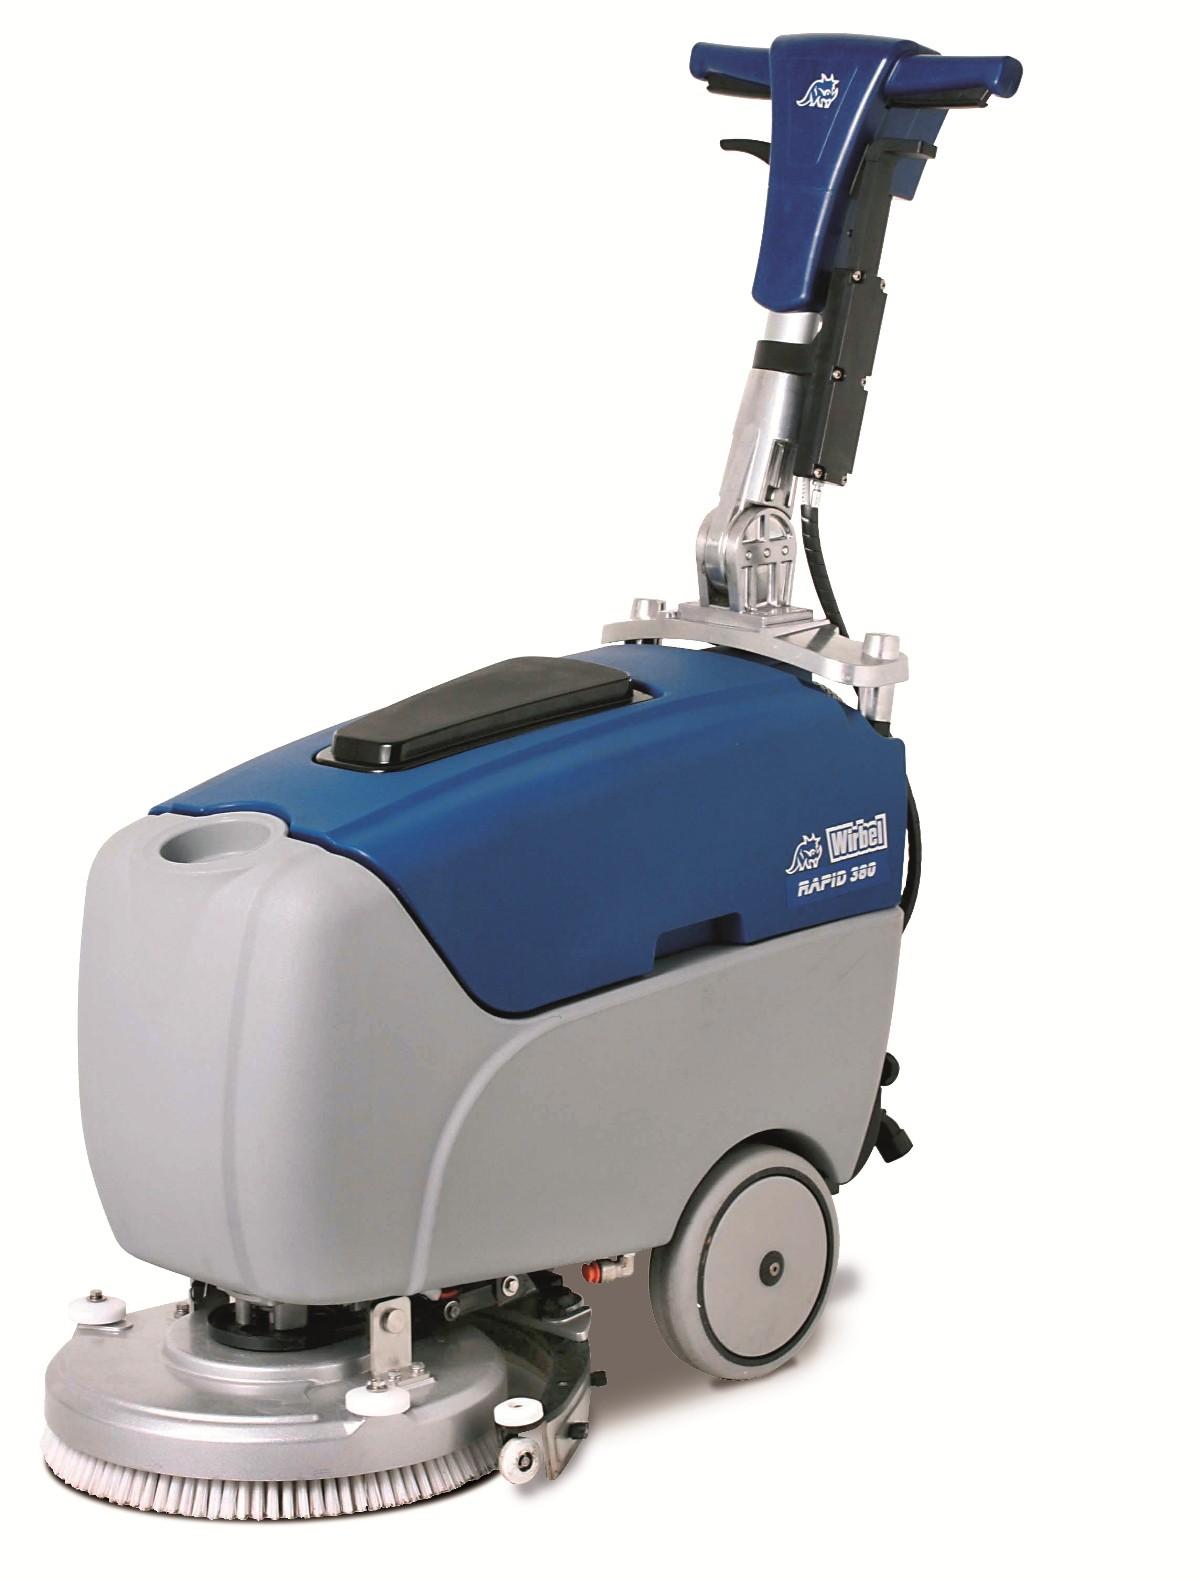 Prochem Rapid 385E Scrubber Drier